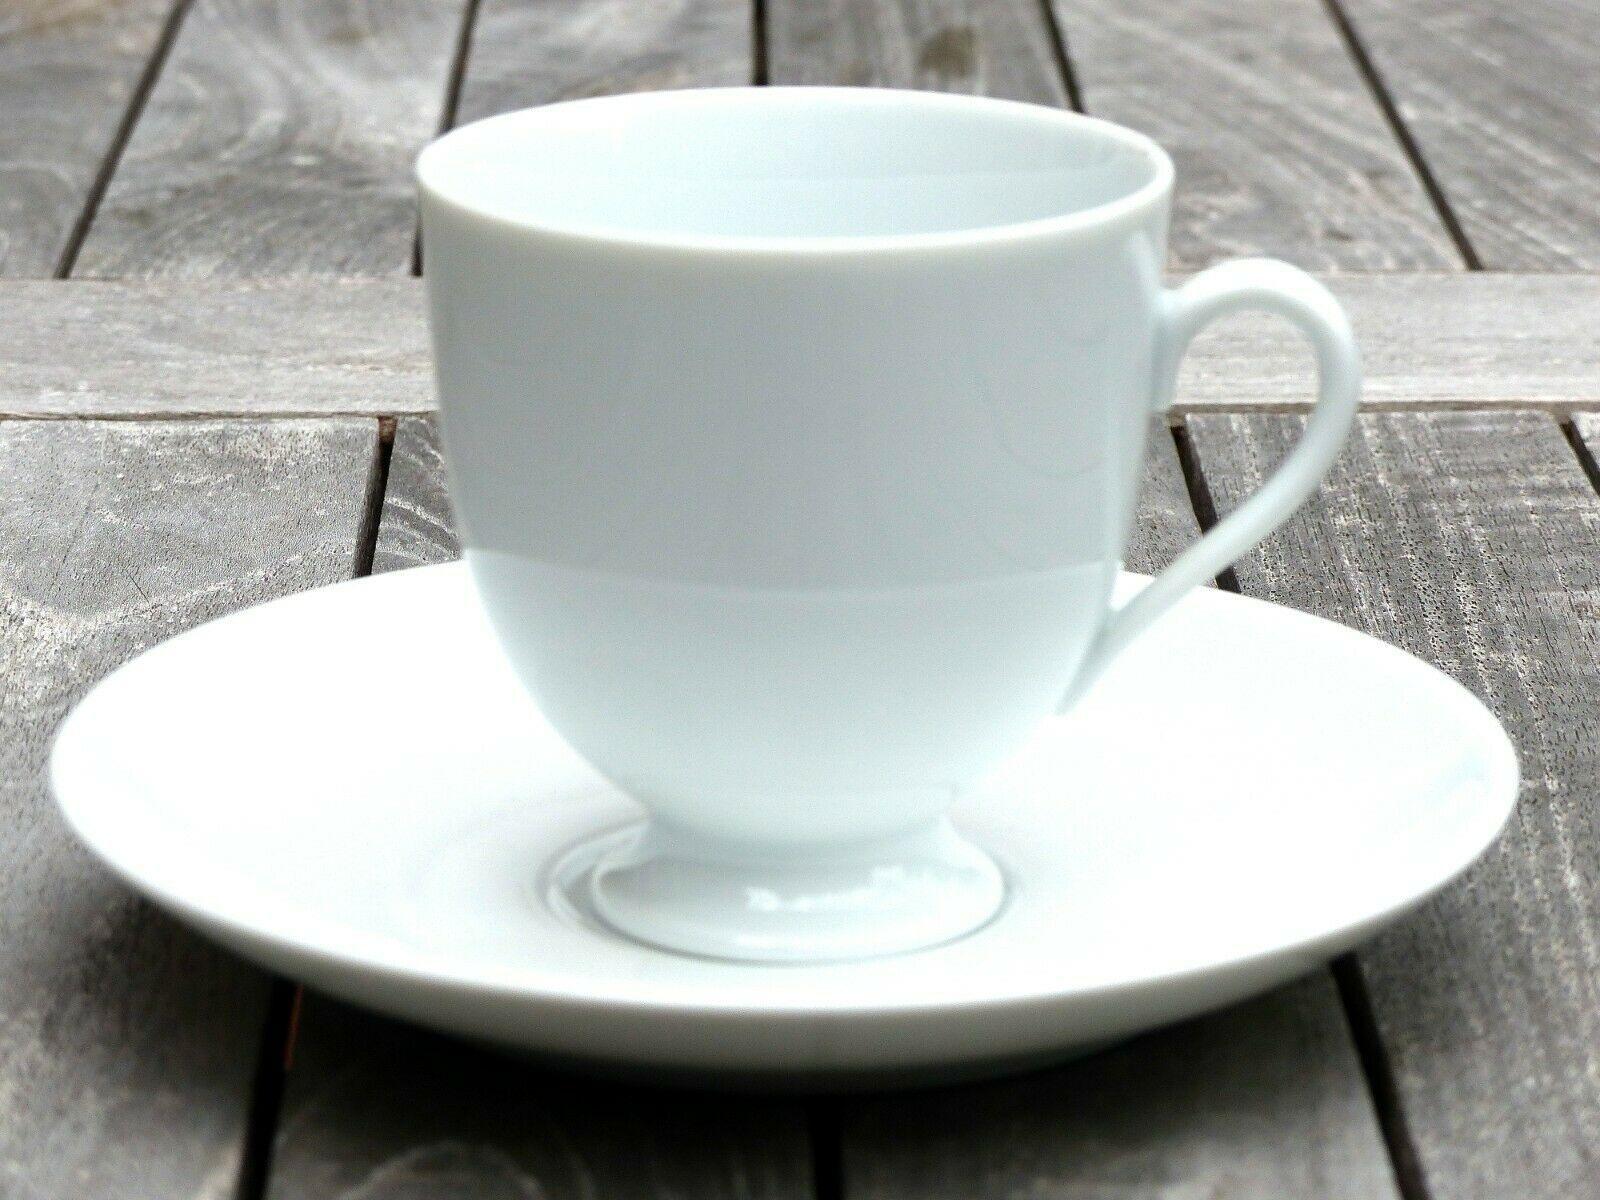 Kaffeetasse Fürstin weiß Fürstenberg NEU! 70 % unter UVP Ergänzung TOP!